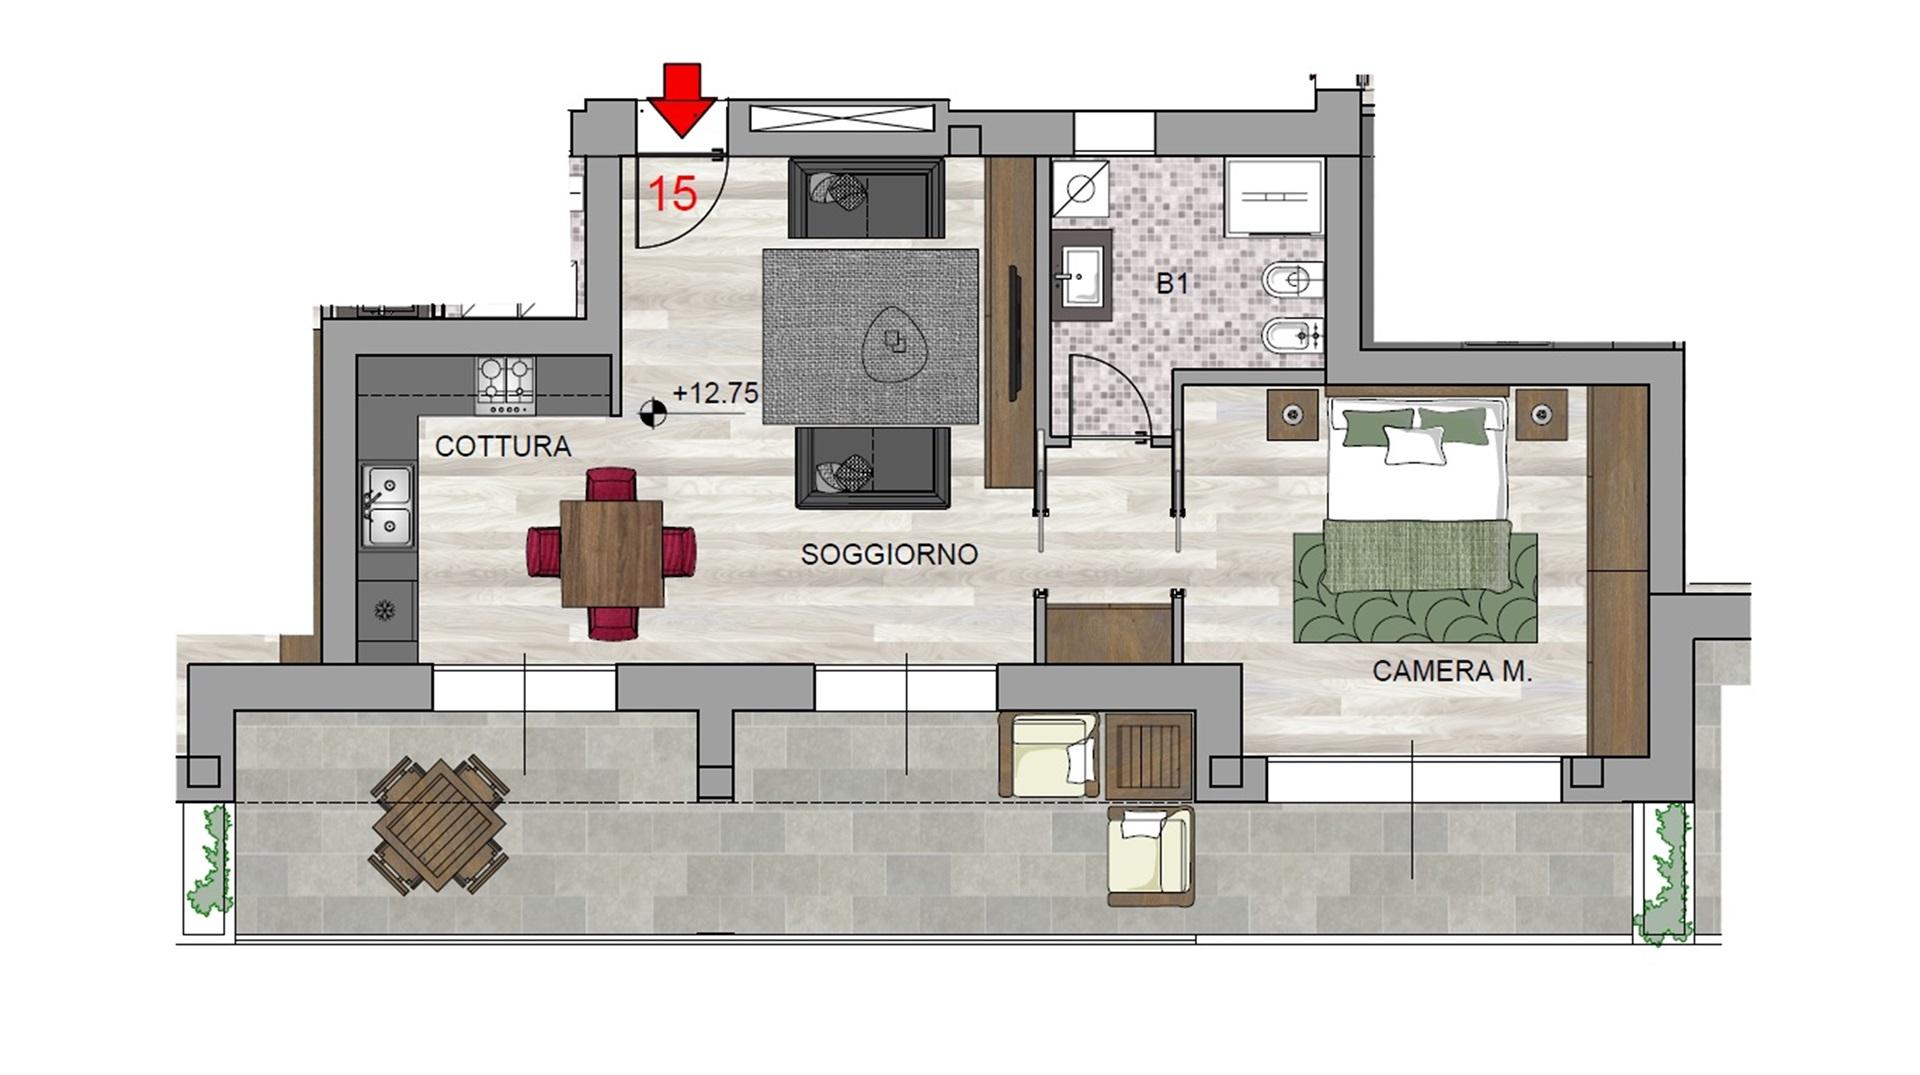 Bilocale n°15 Piano Quarto - Sup. Commerciale 87 mq - 230.000 € (ultima disponibilità ultimo piano)